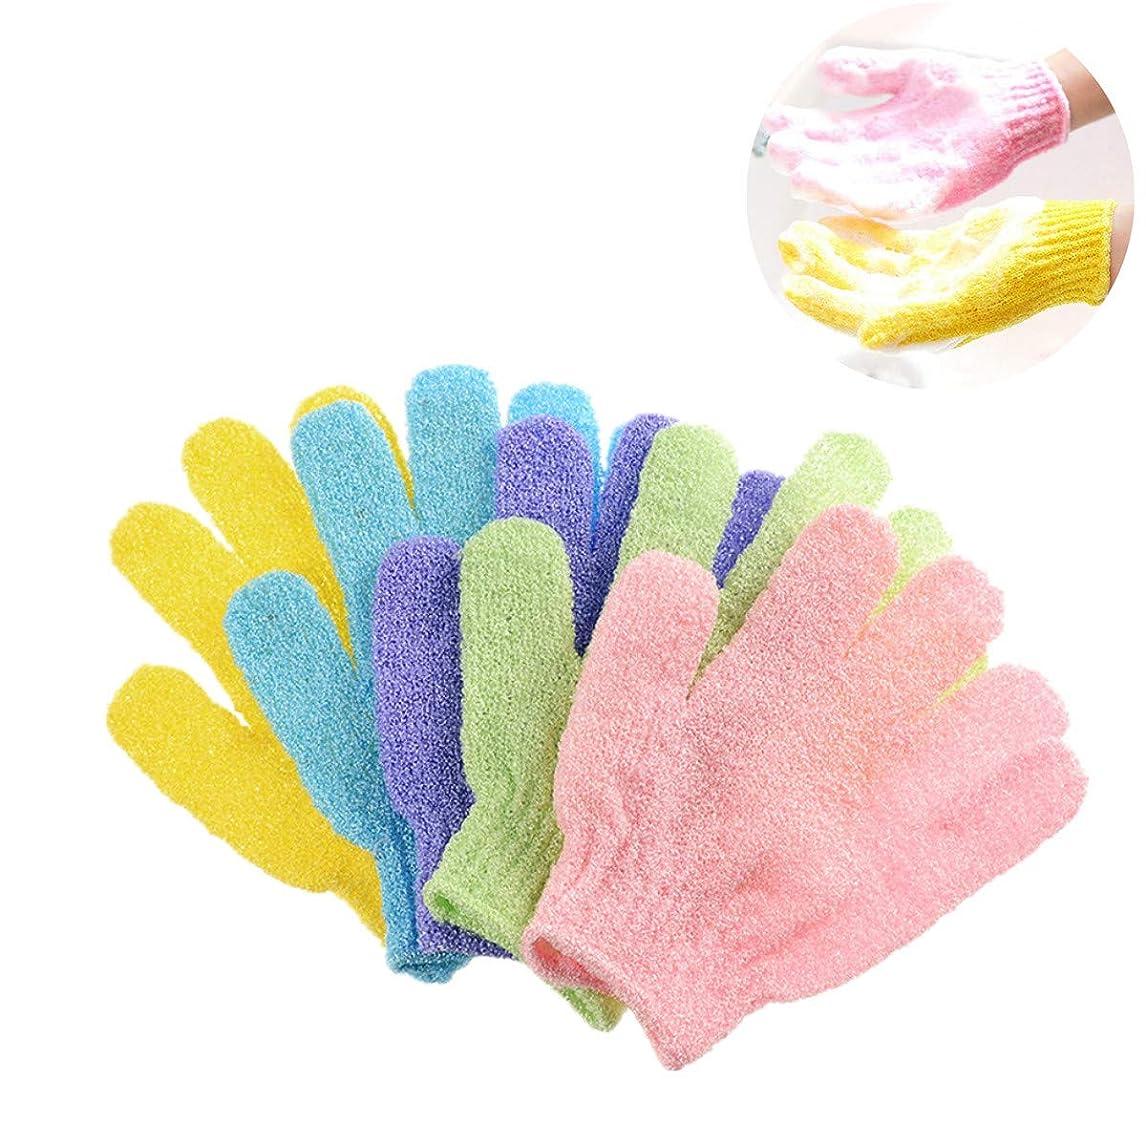 展望台硬さドナウ川Kingsie 浴用手袋 10枚セット(5ペア) ボディウォッシュ手袋 お風呂手袋 角質除去 角質取り 泡立ち 垢すり グローブ